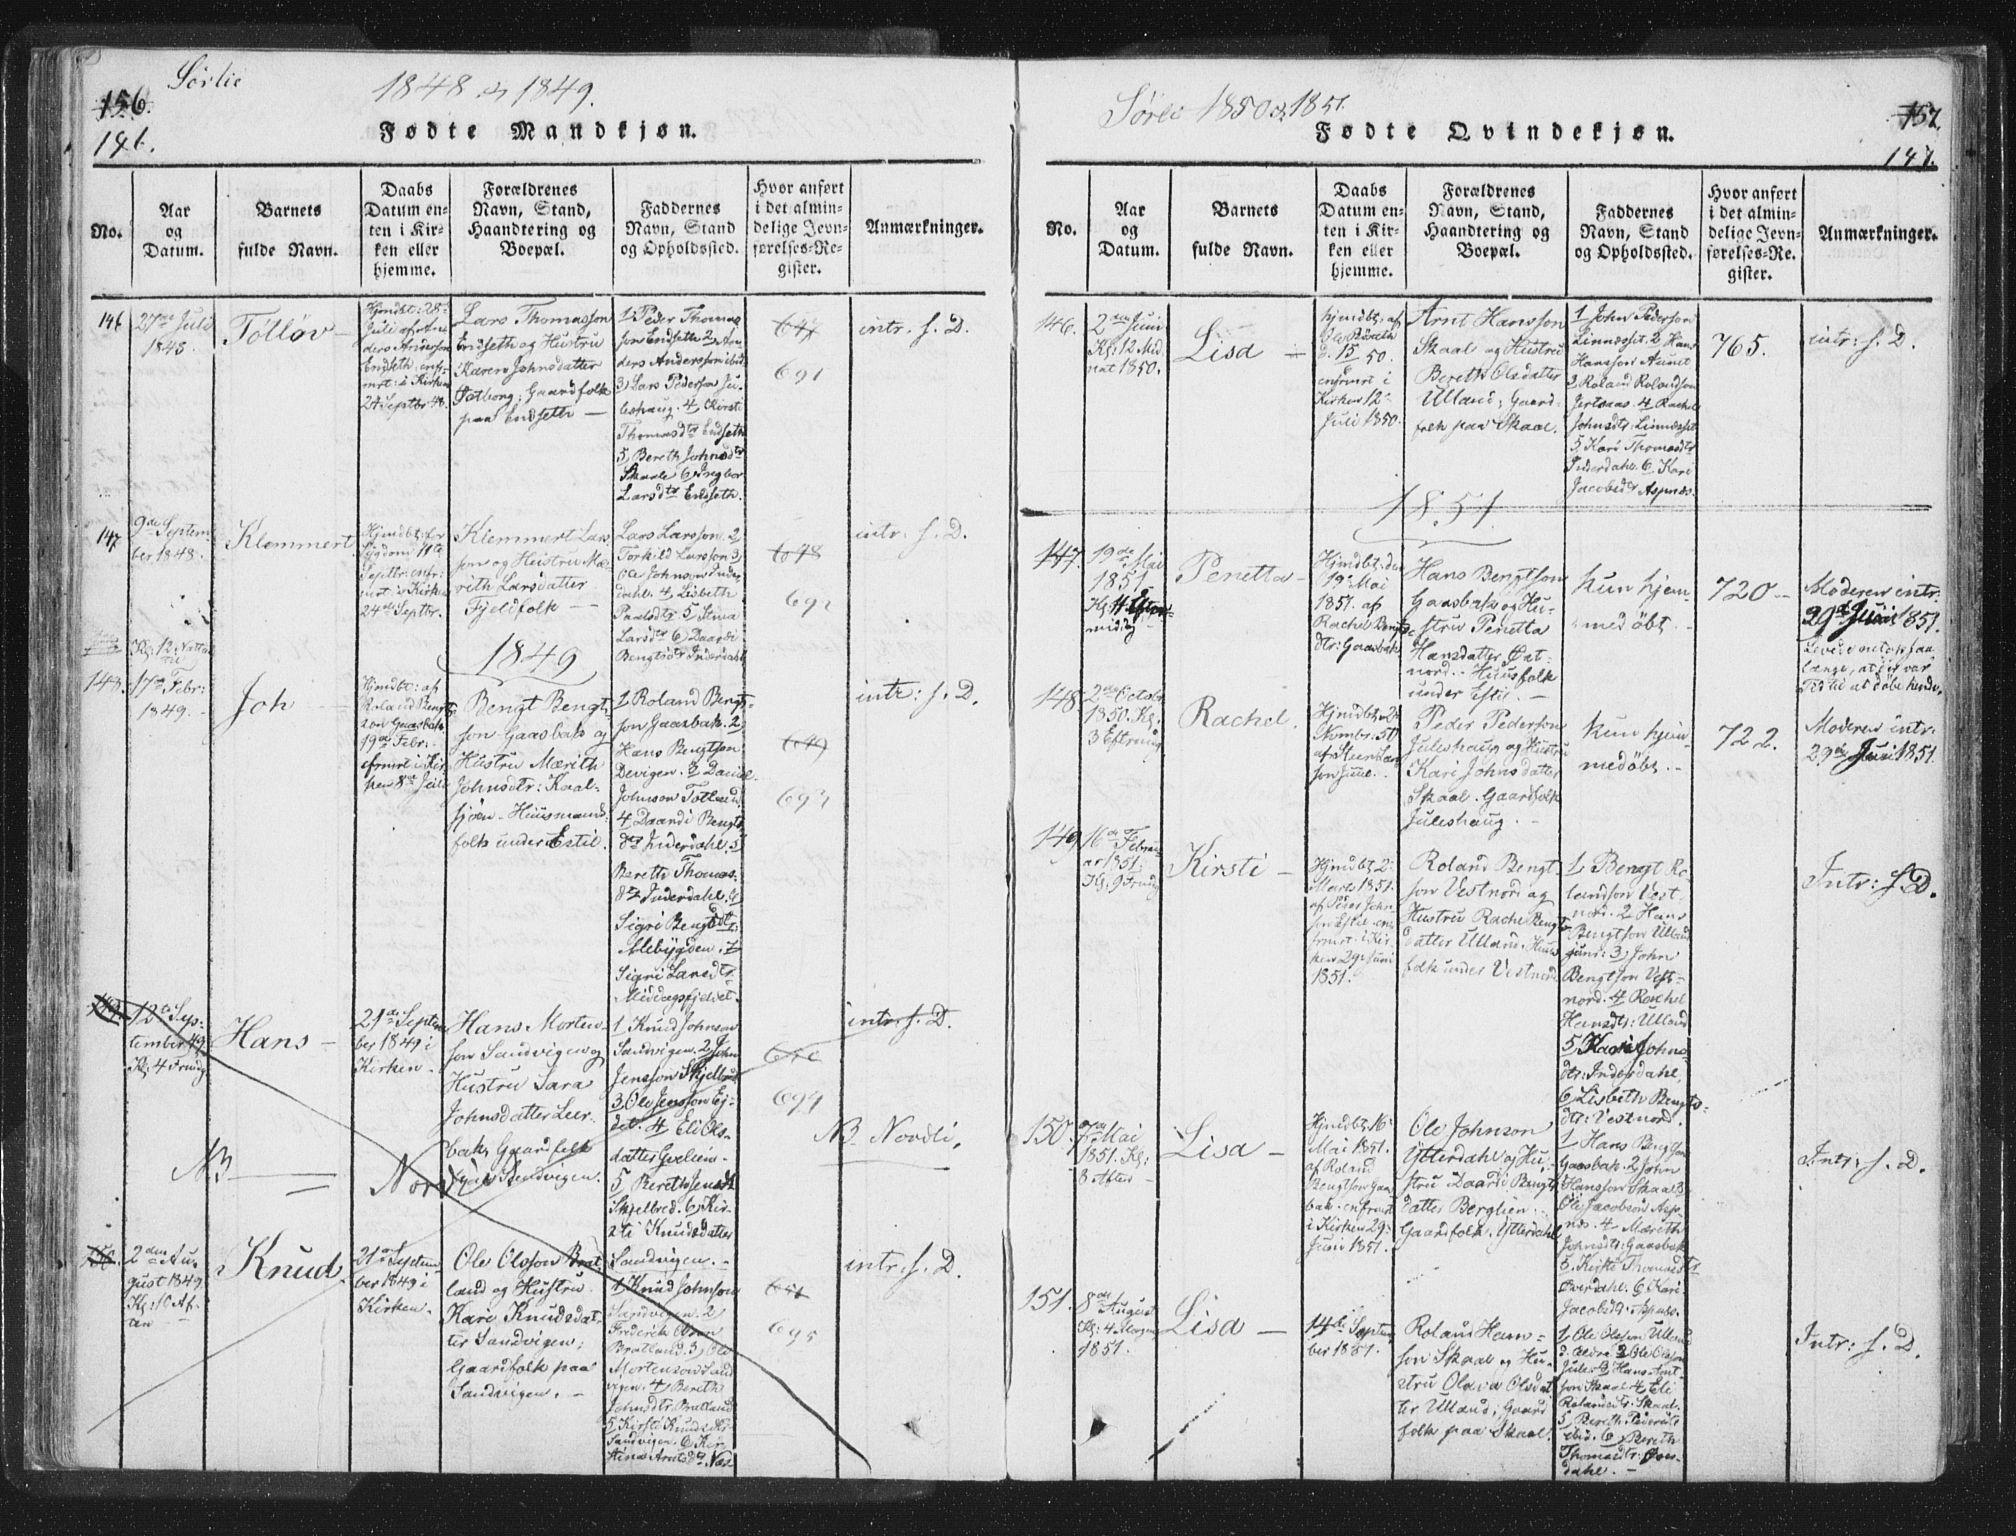 SAT, Ministerialprotokoller, klokkerbøker og fødselsregistre - Nord-Trøndelag, 755/L0491: Ministerialbok nr. 755A01 /2, 1817-1864, s. 146-147